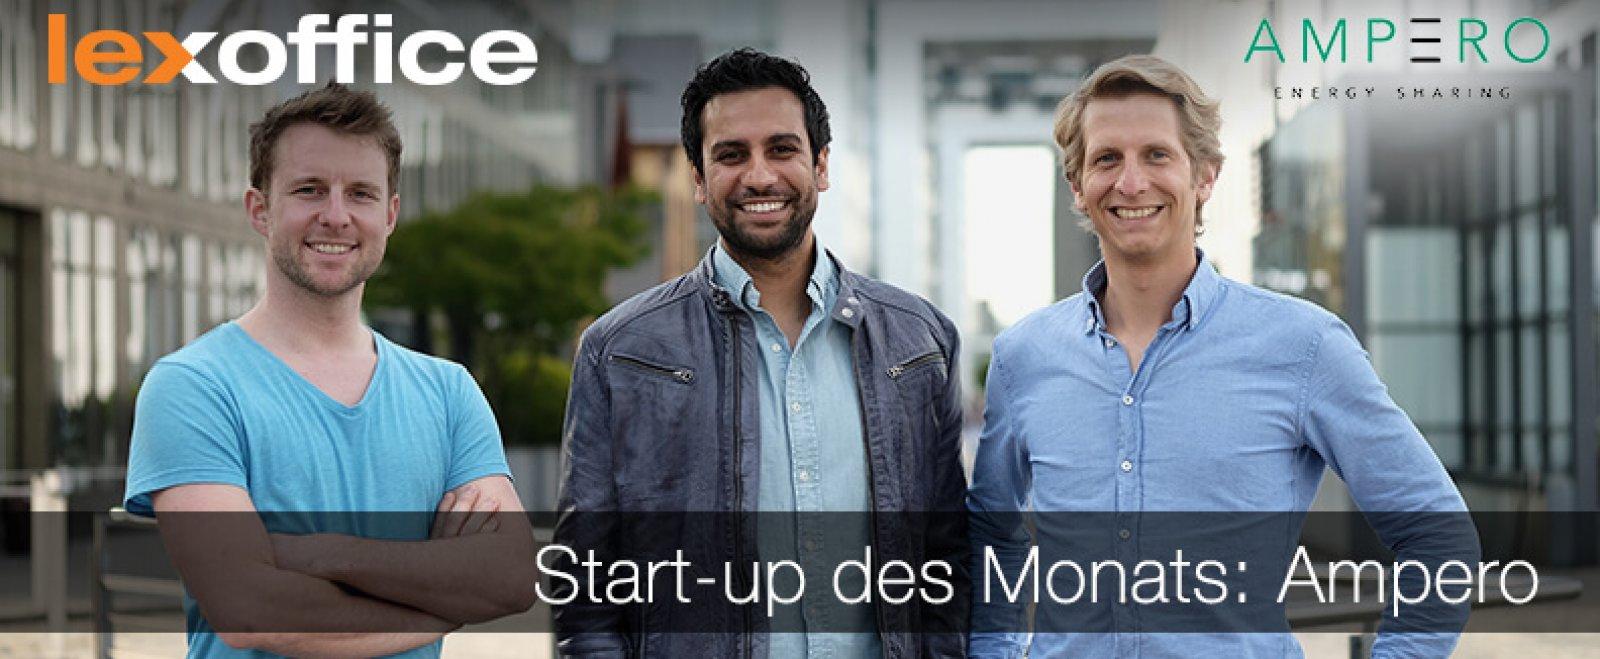 lexoffice stellt das Start-up des Monats vor: Ampero